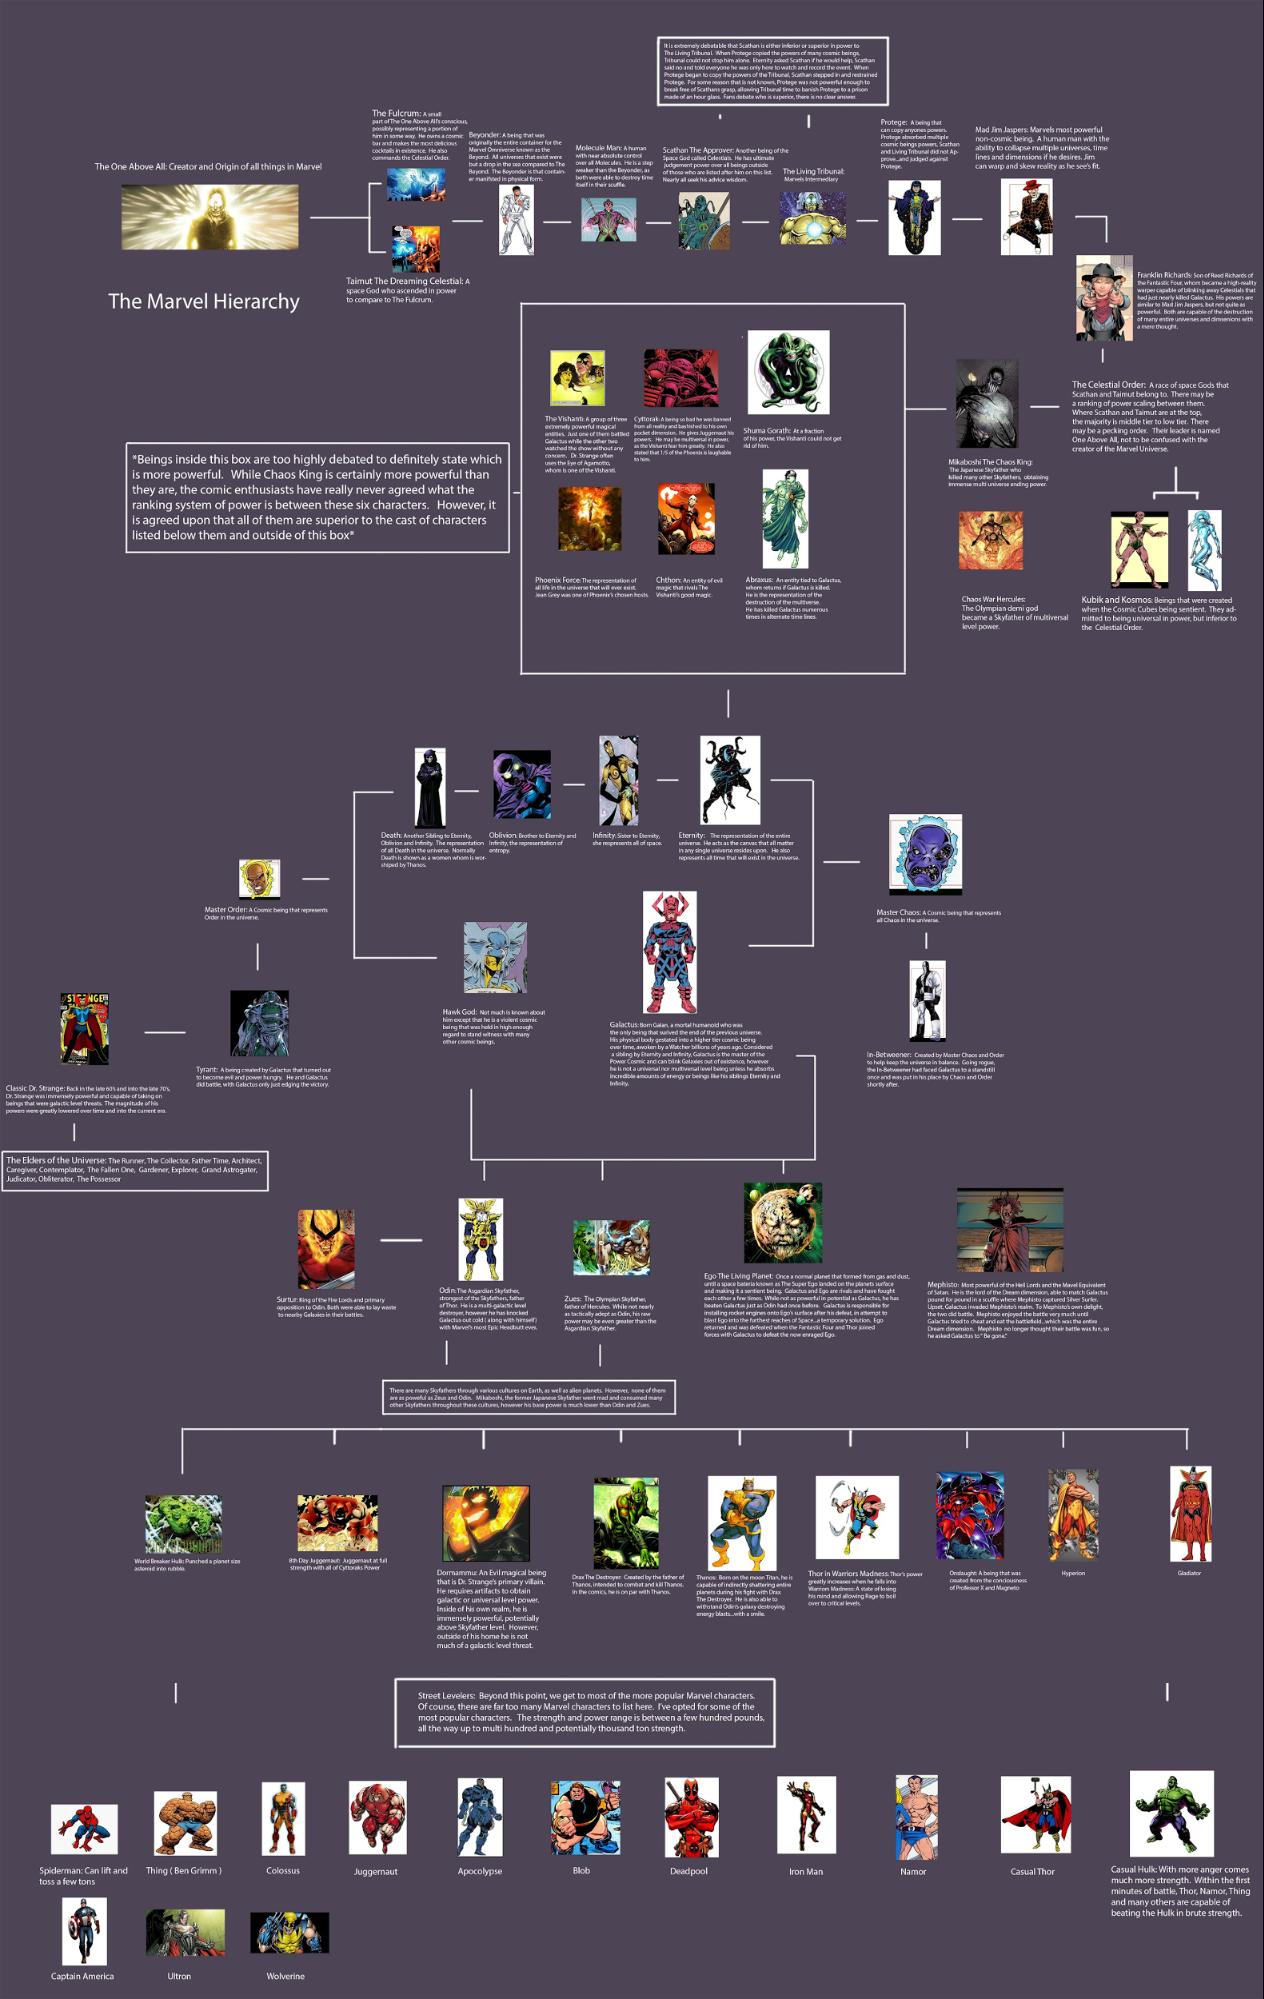 Иерархия героев-символов Marvel